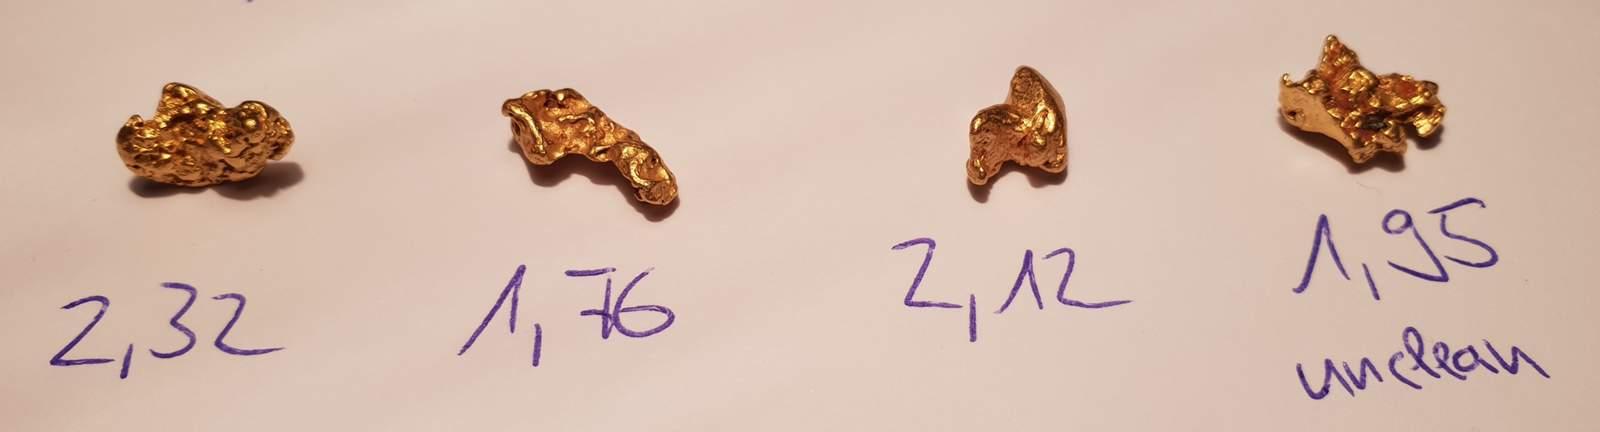 australische goldnuggets g nstig kaufen kleinanzeigenmarkt f r gold silber. Black Bedroom Furniture Sets. Home Design Ideas